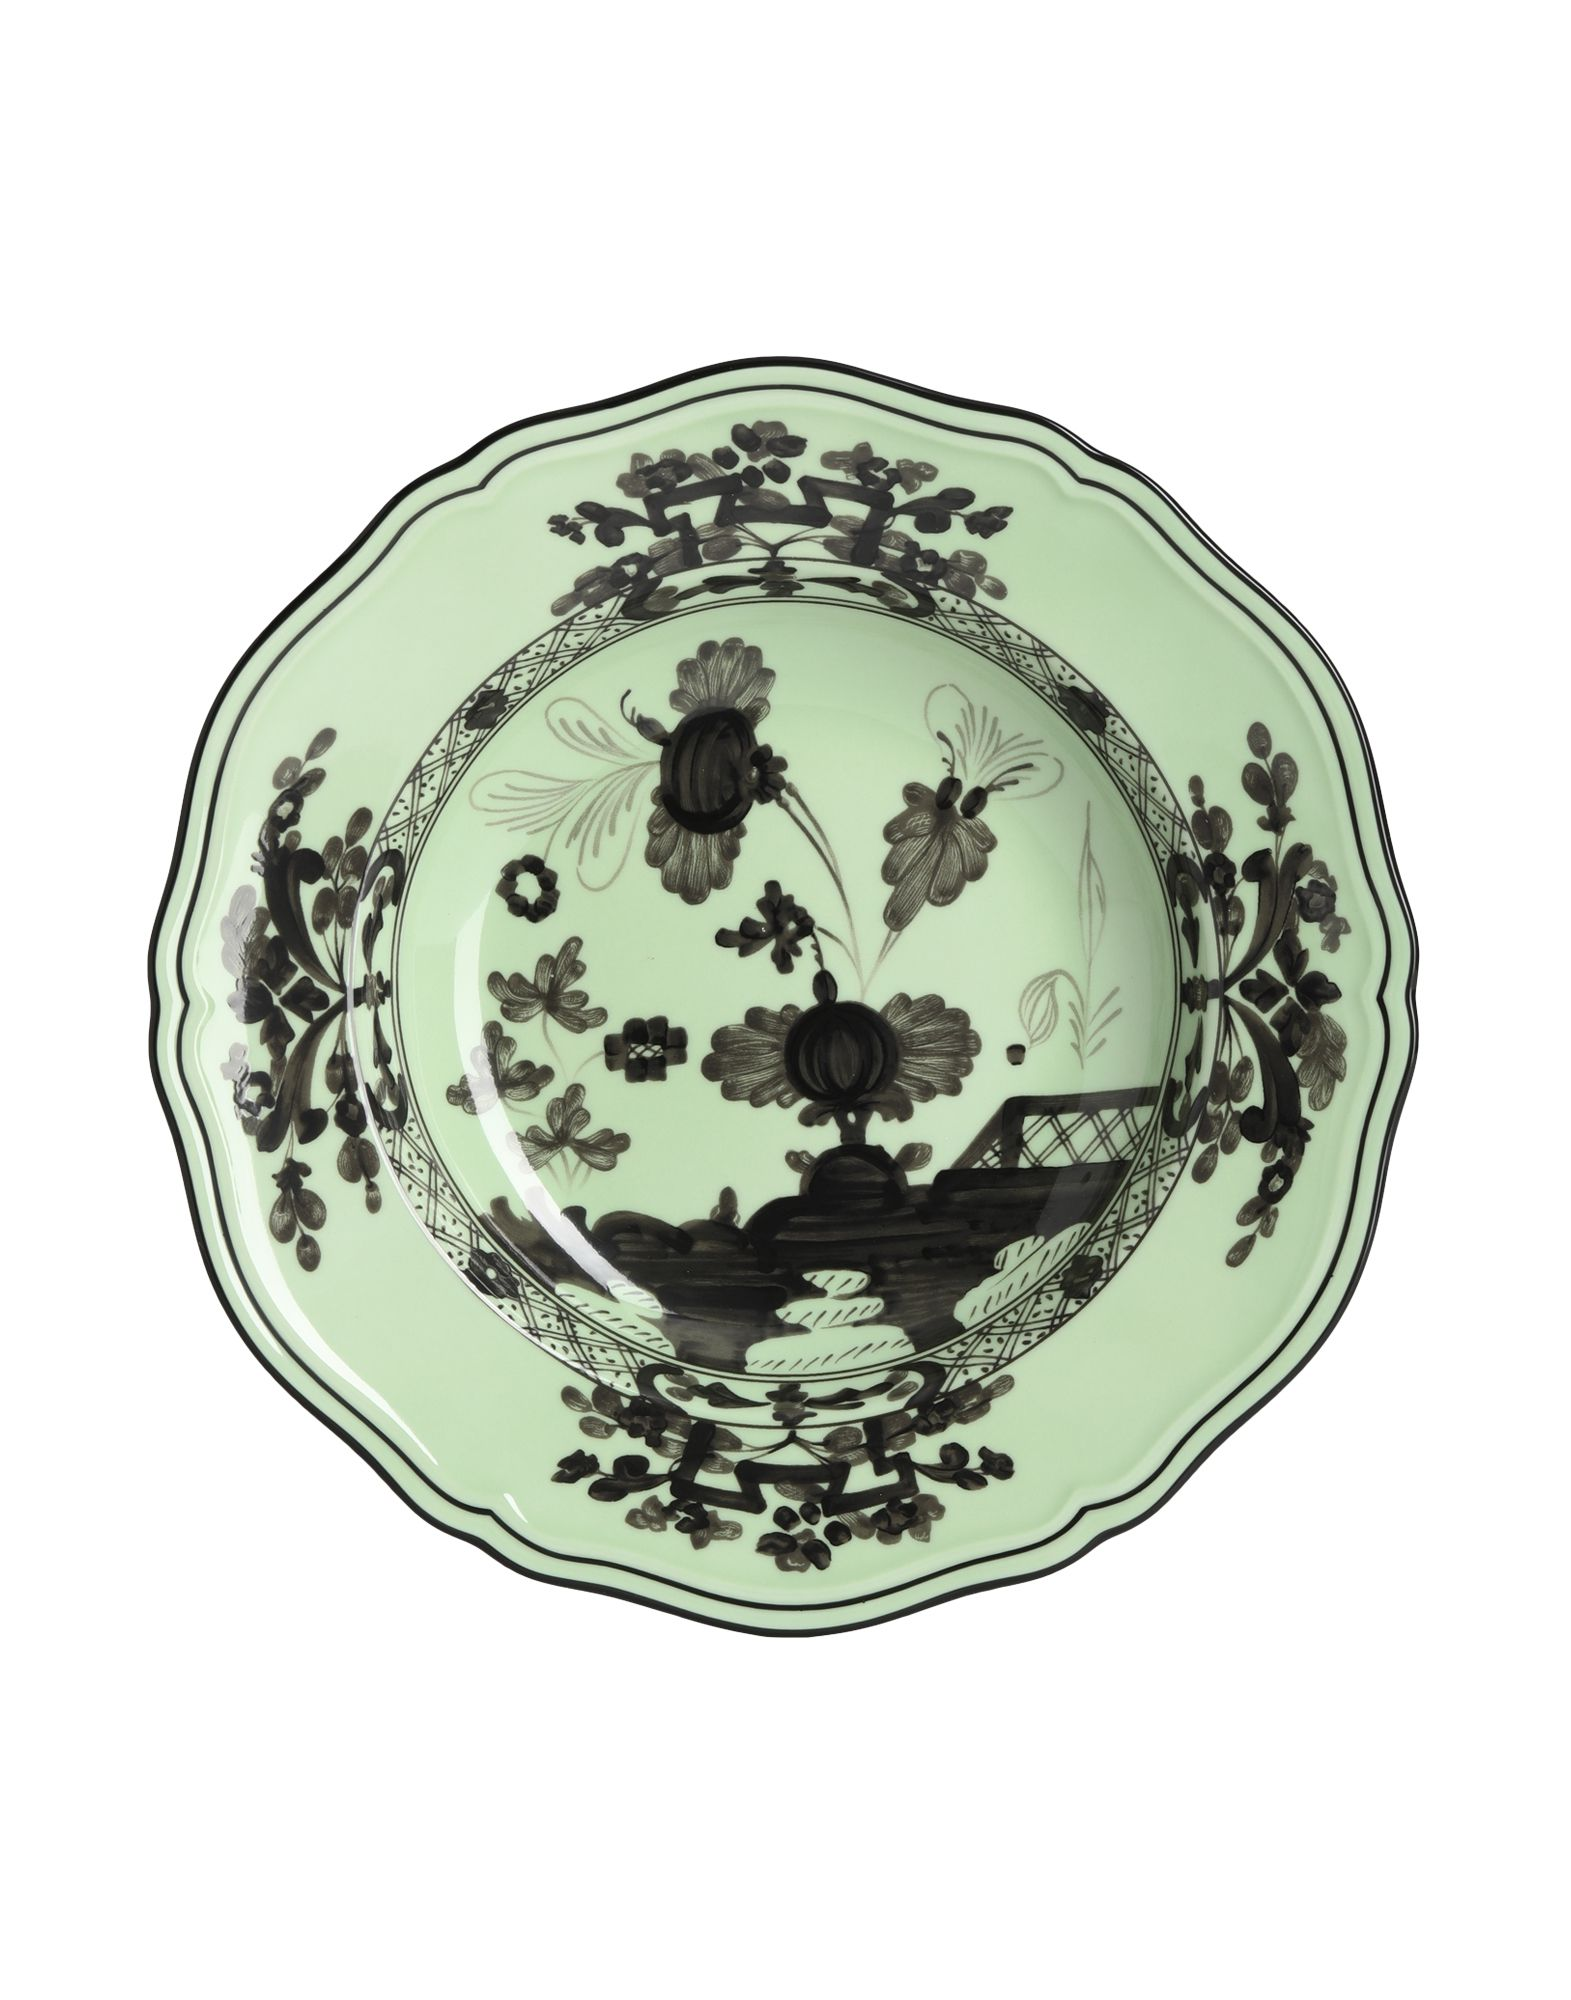 《セール開催中》RICHARD GINORI Unisex オーナメンタルプレート グリーン 陶製